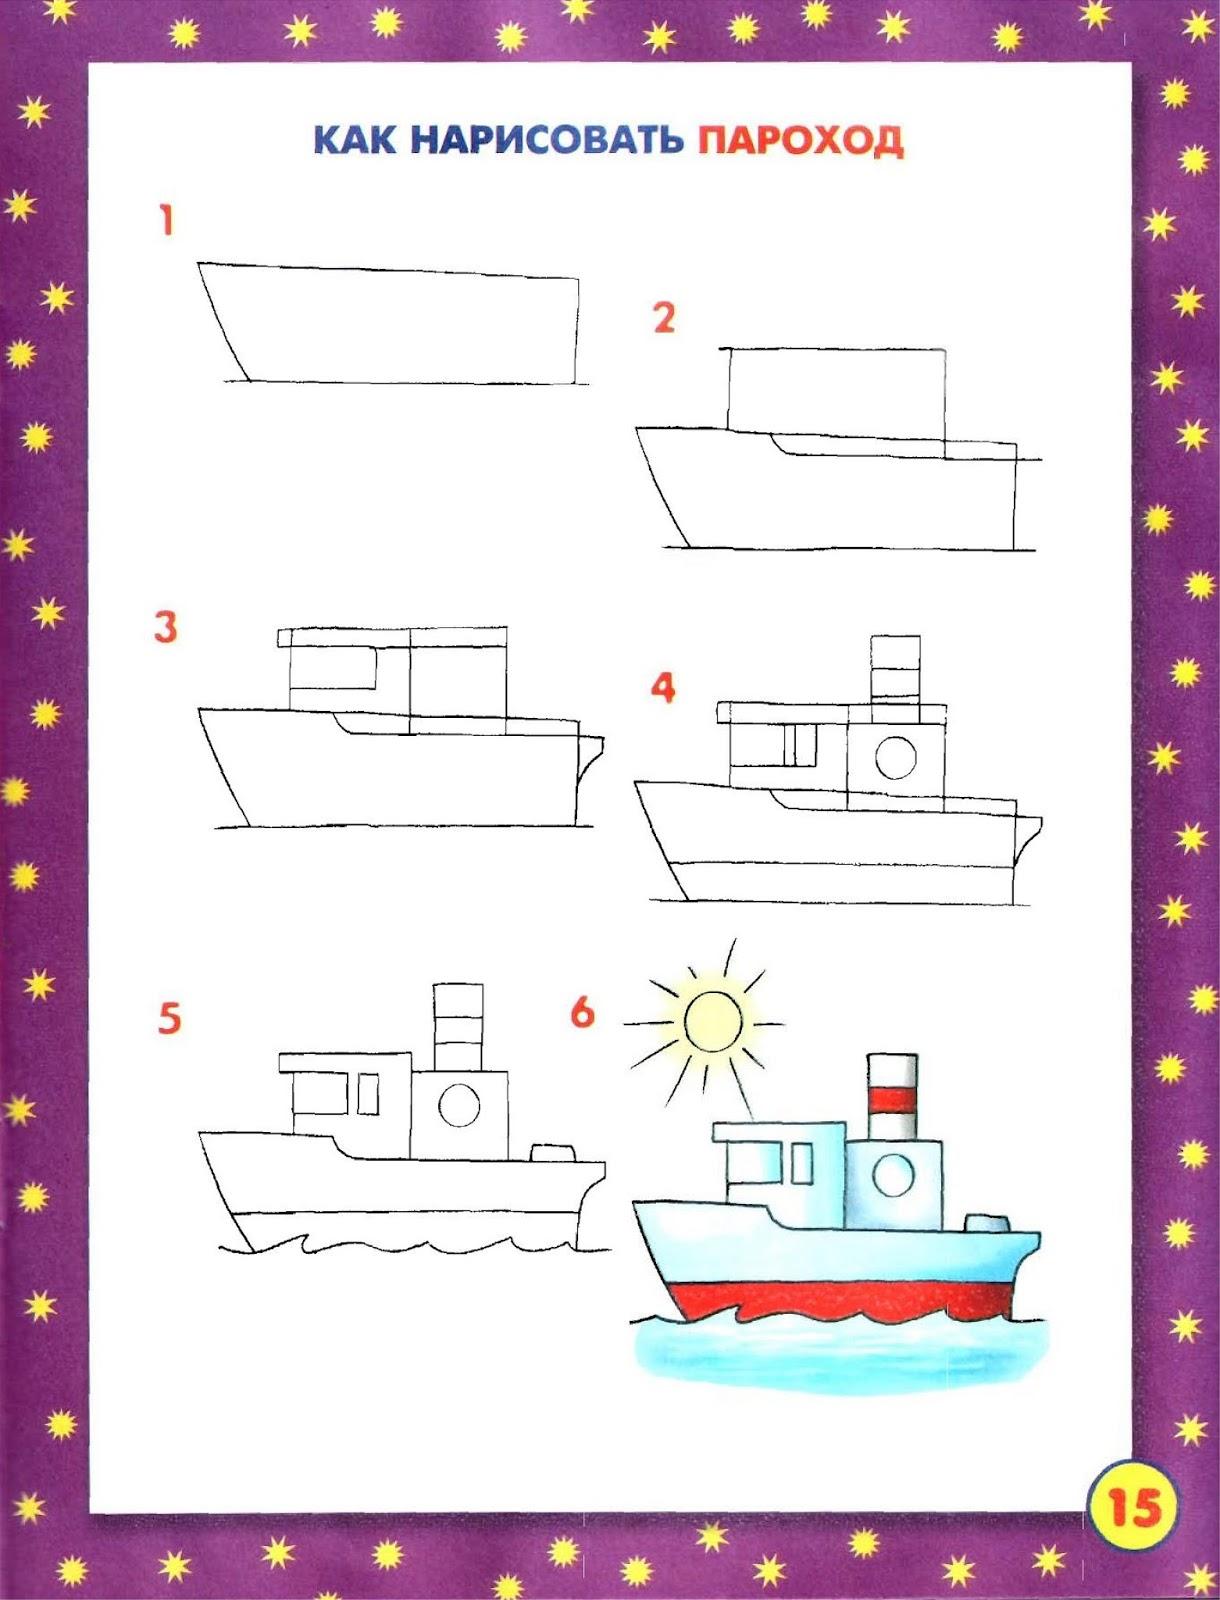 Рисуем корабли паровозы ракеты пошаговый мастер-класс